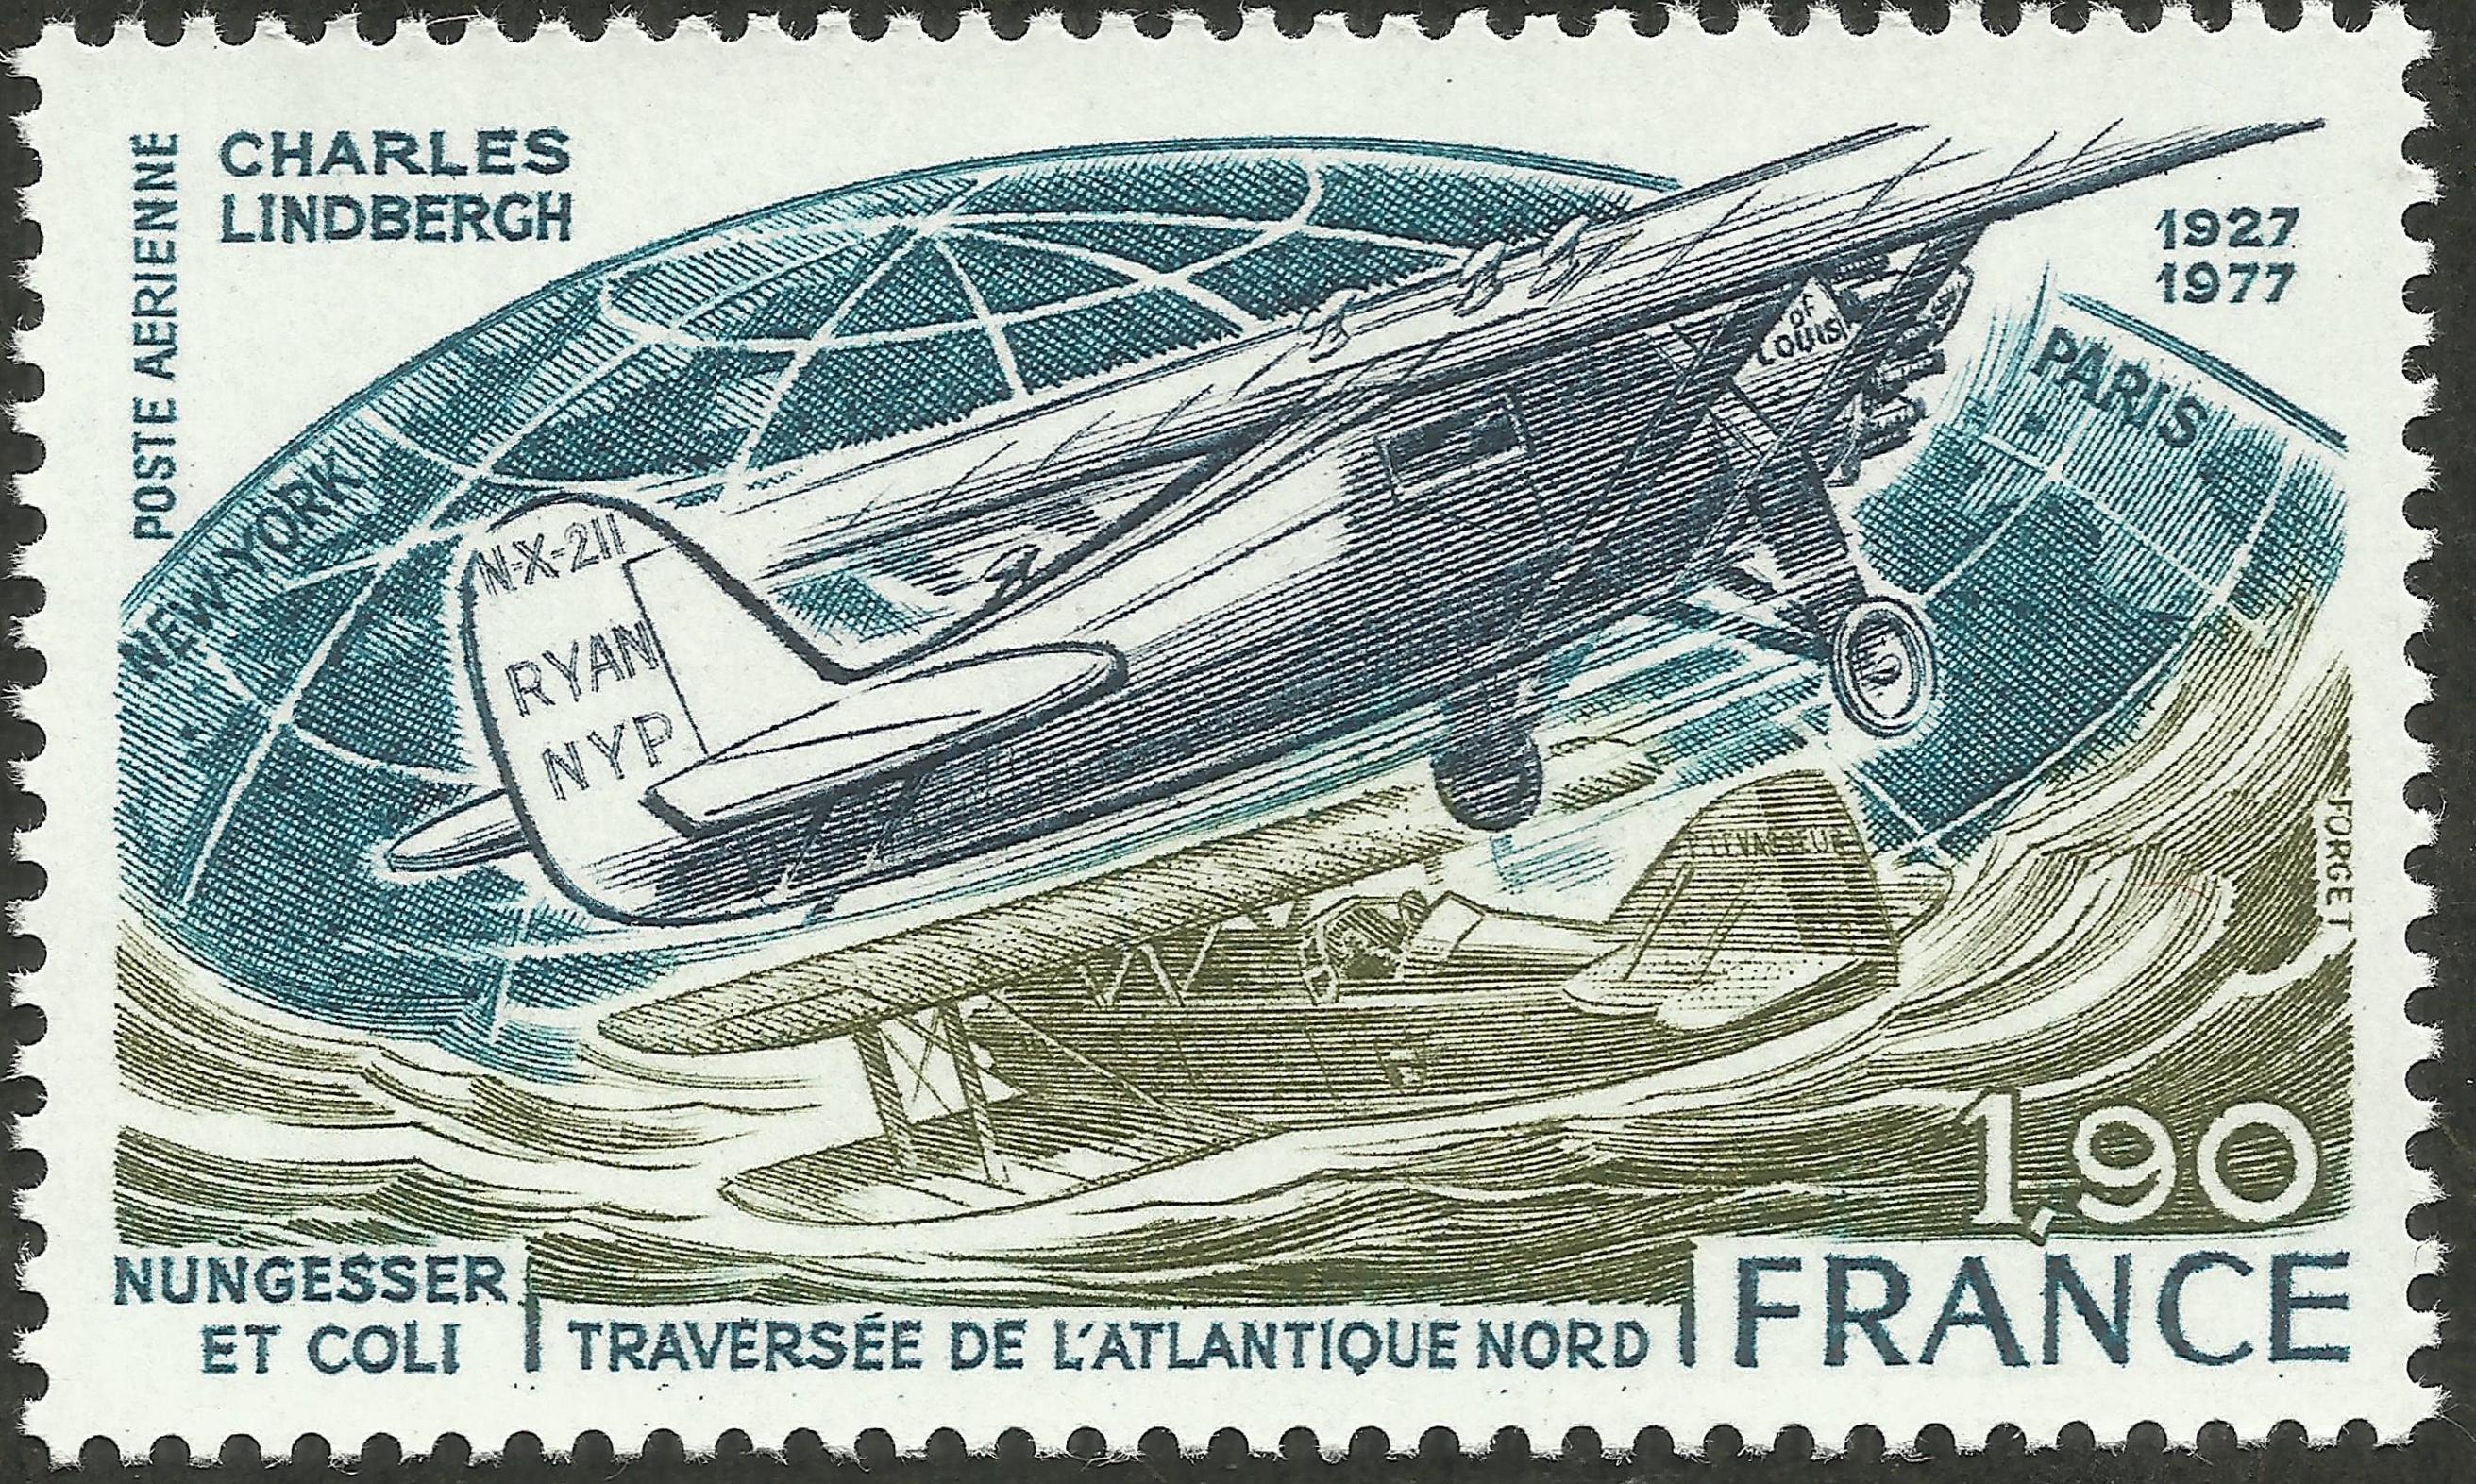 France - Scott #C49 (1977)